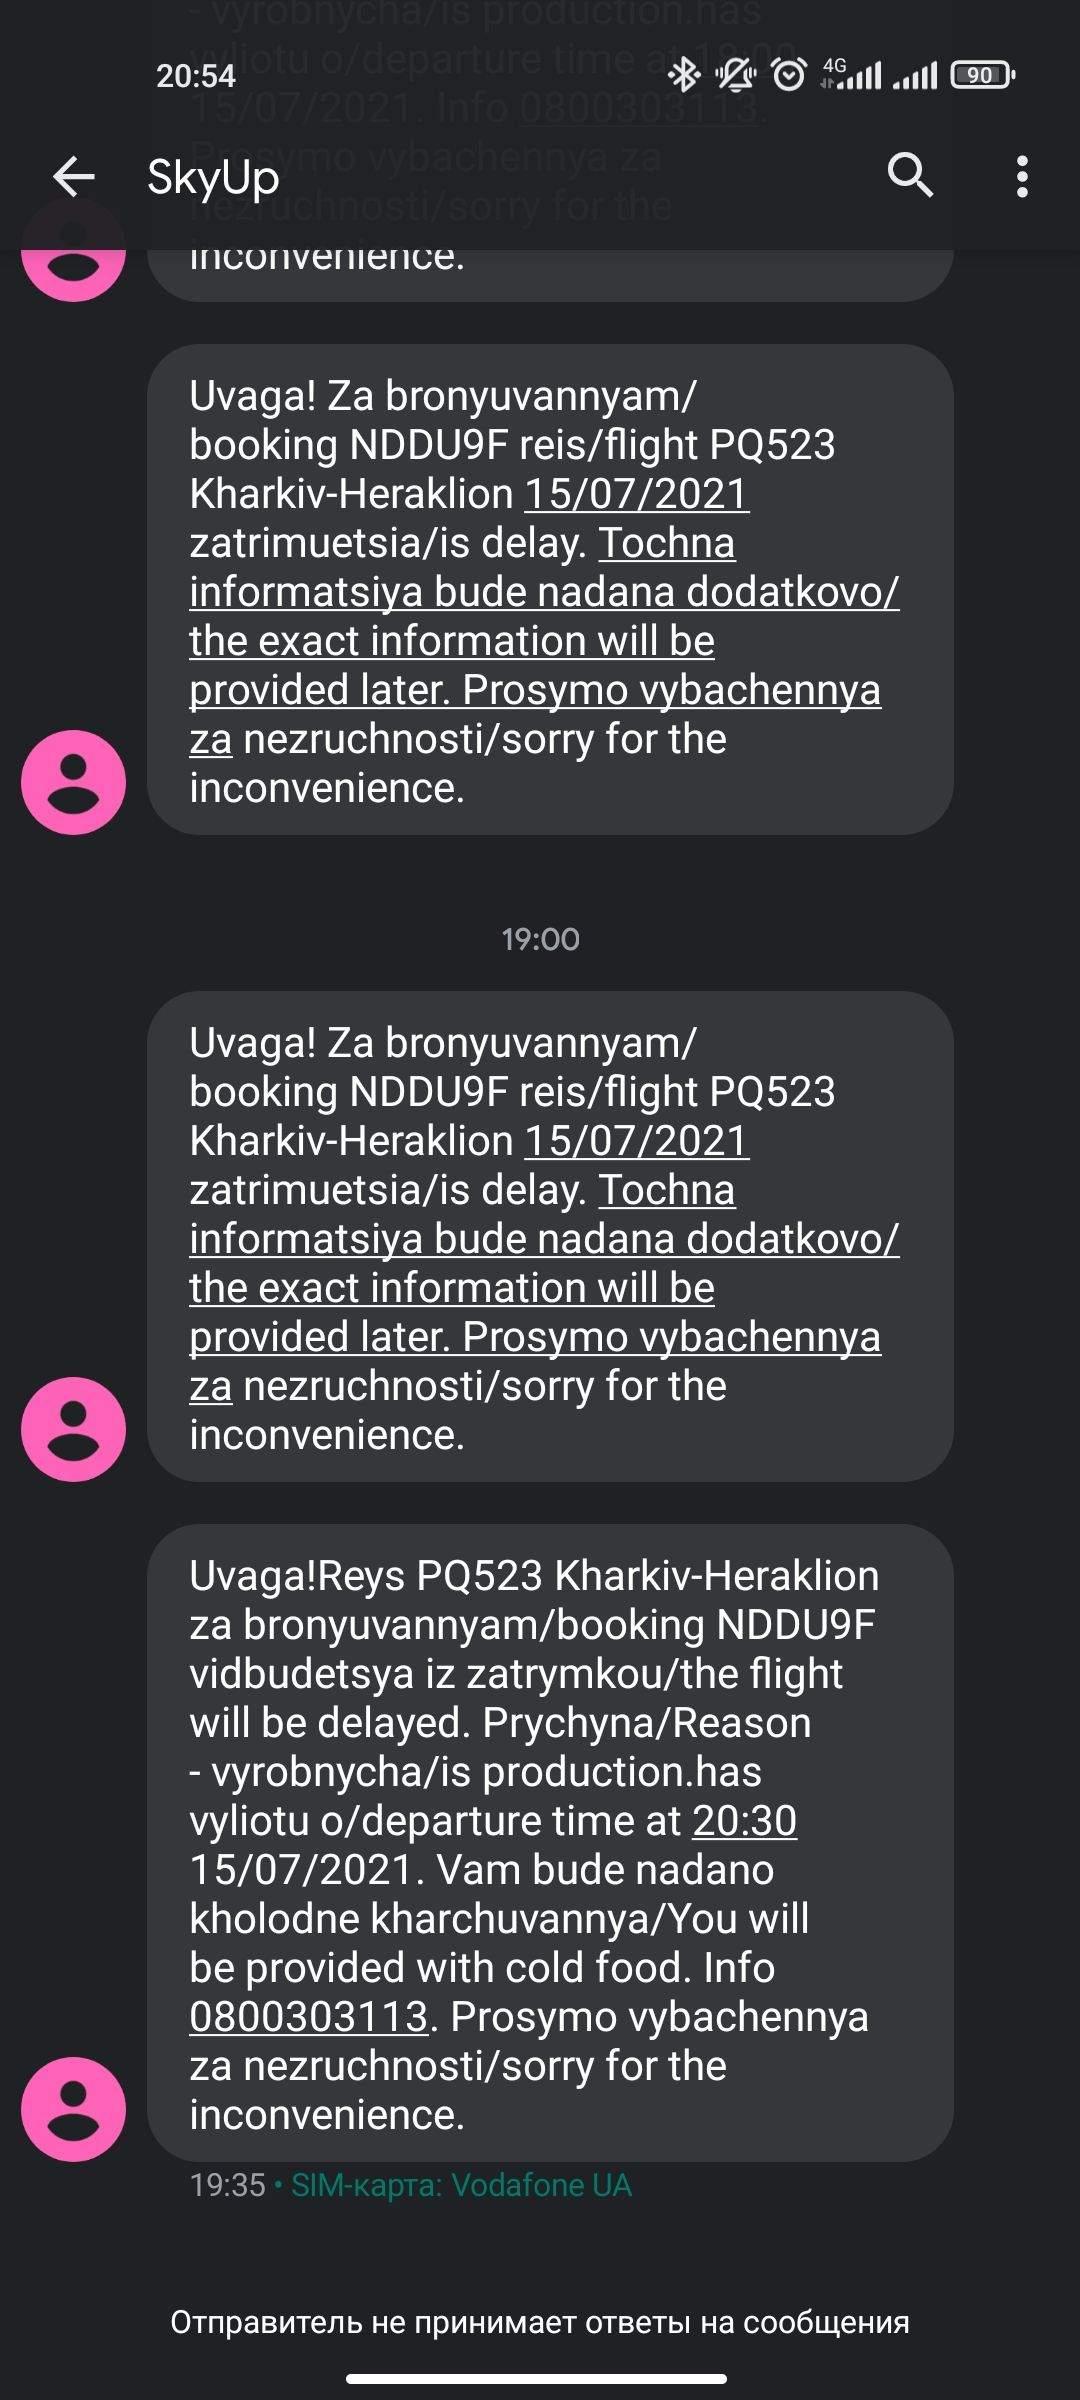 Затримують рейси в Харкові Аеропорт Харків SkyUp